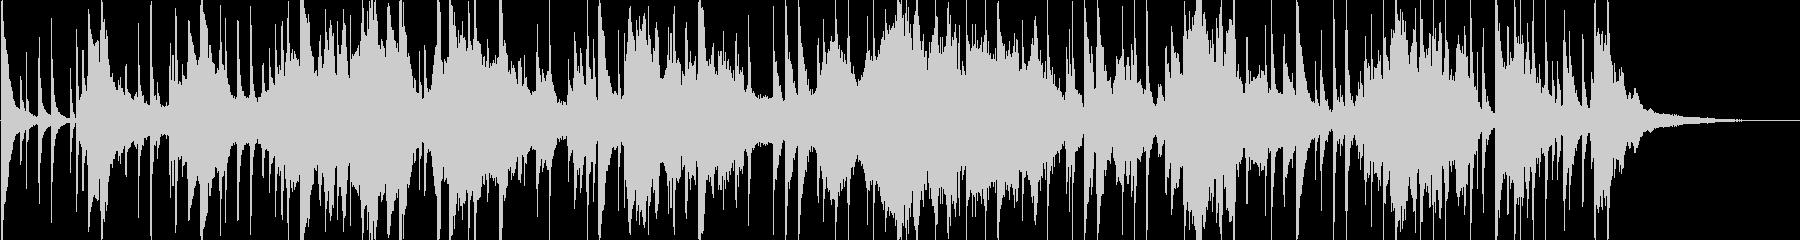 アラビア風の雰囲気のBGM1の未再生の波形